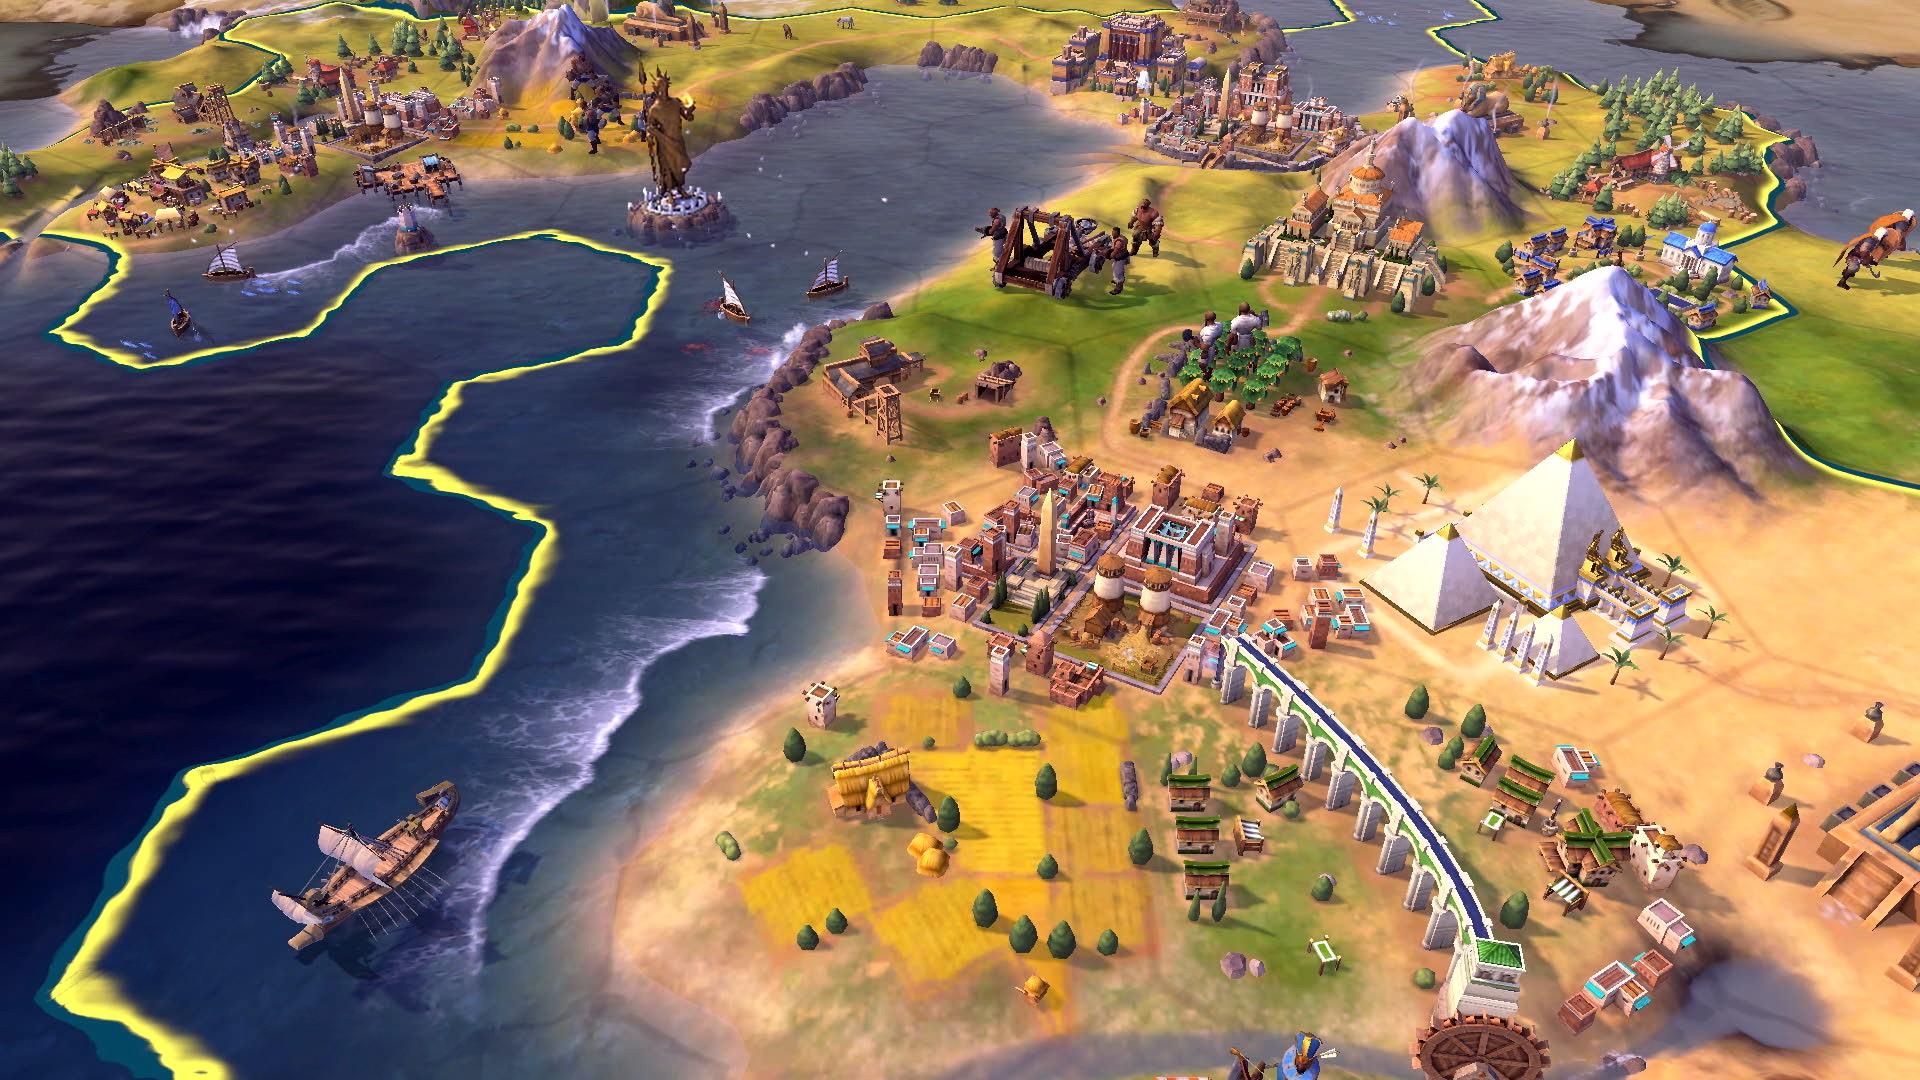 《文明6》Switch版发售日期公布 游戏预告及截图放出